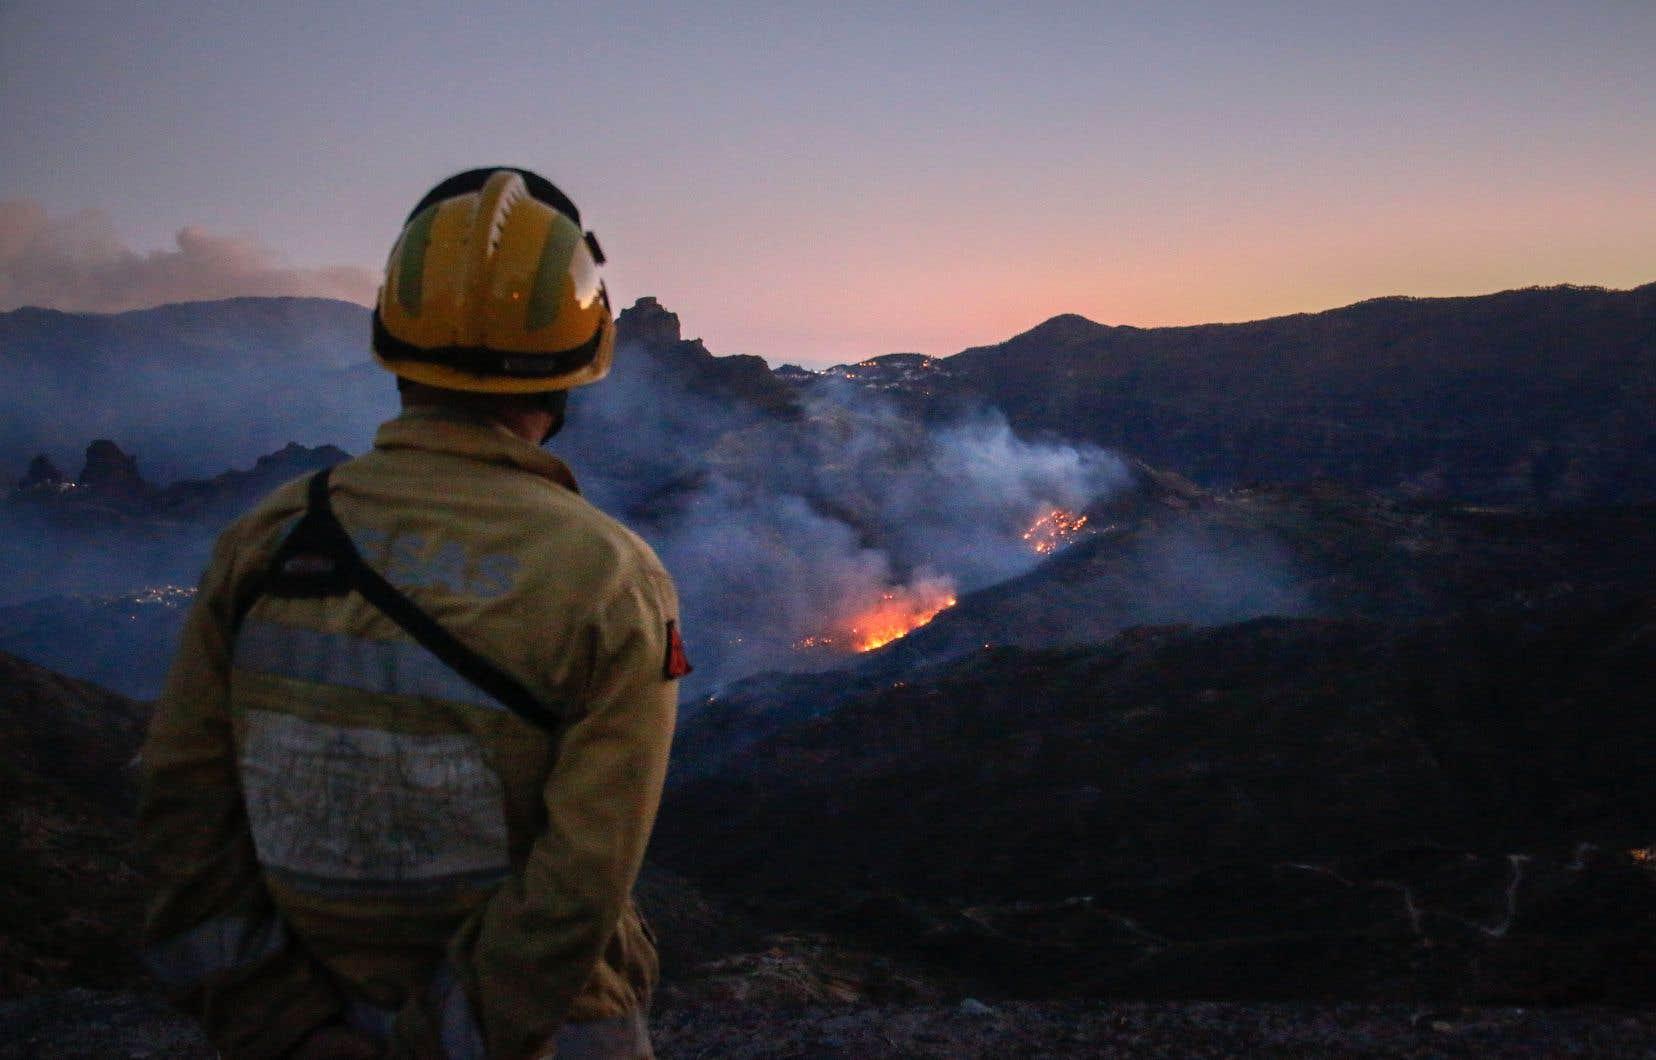 L'incendie sur l'île touristique espagnole de Grande Canarie commençait à faiblir mardi selon les autorités, grâce à des conditions climatiques plus clémentes.